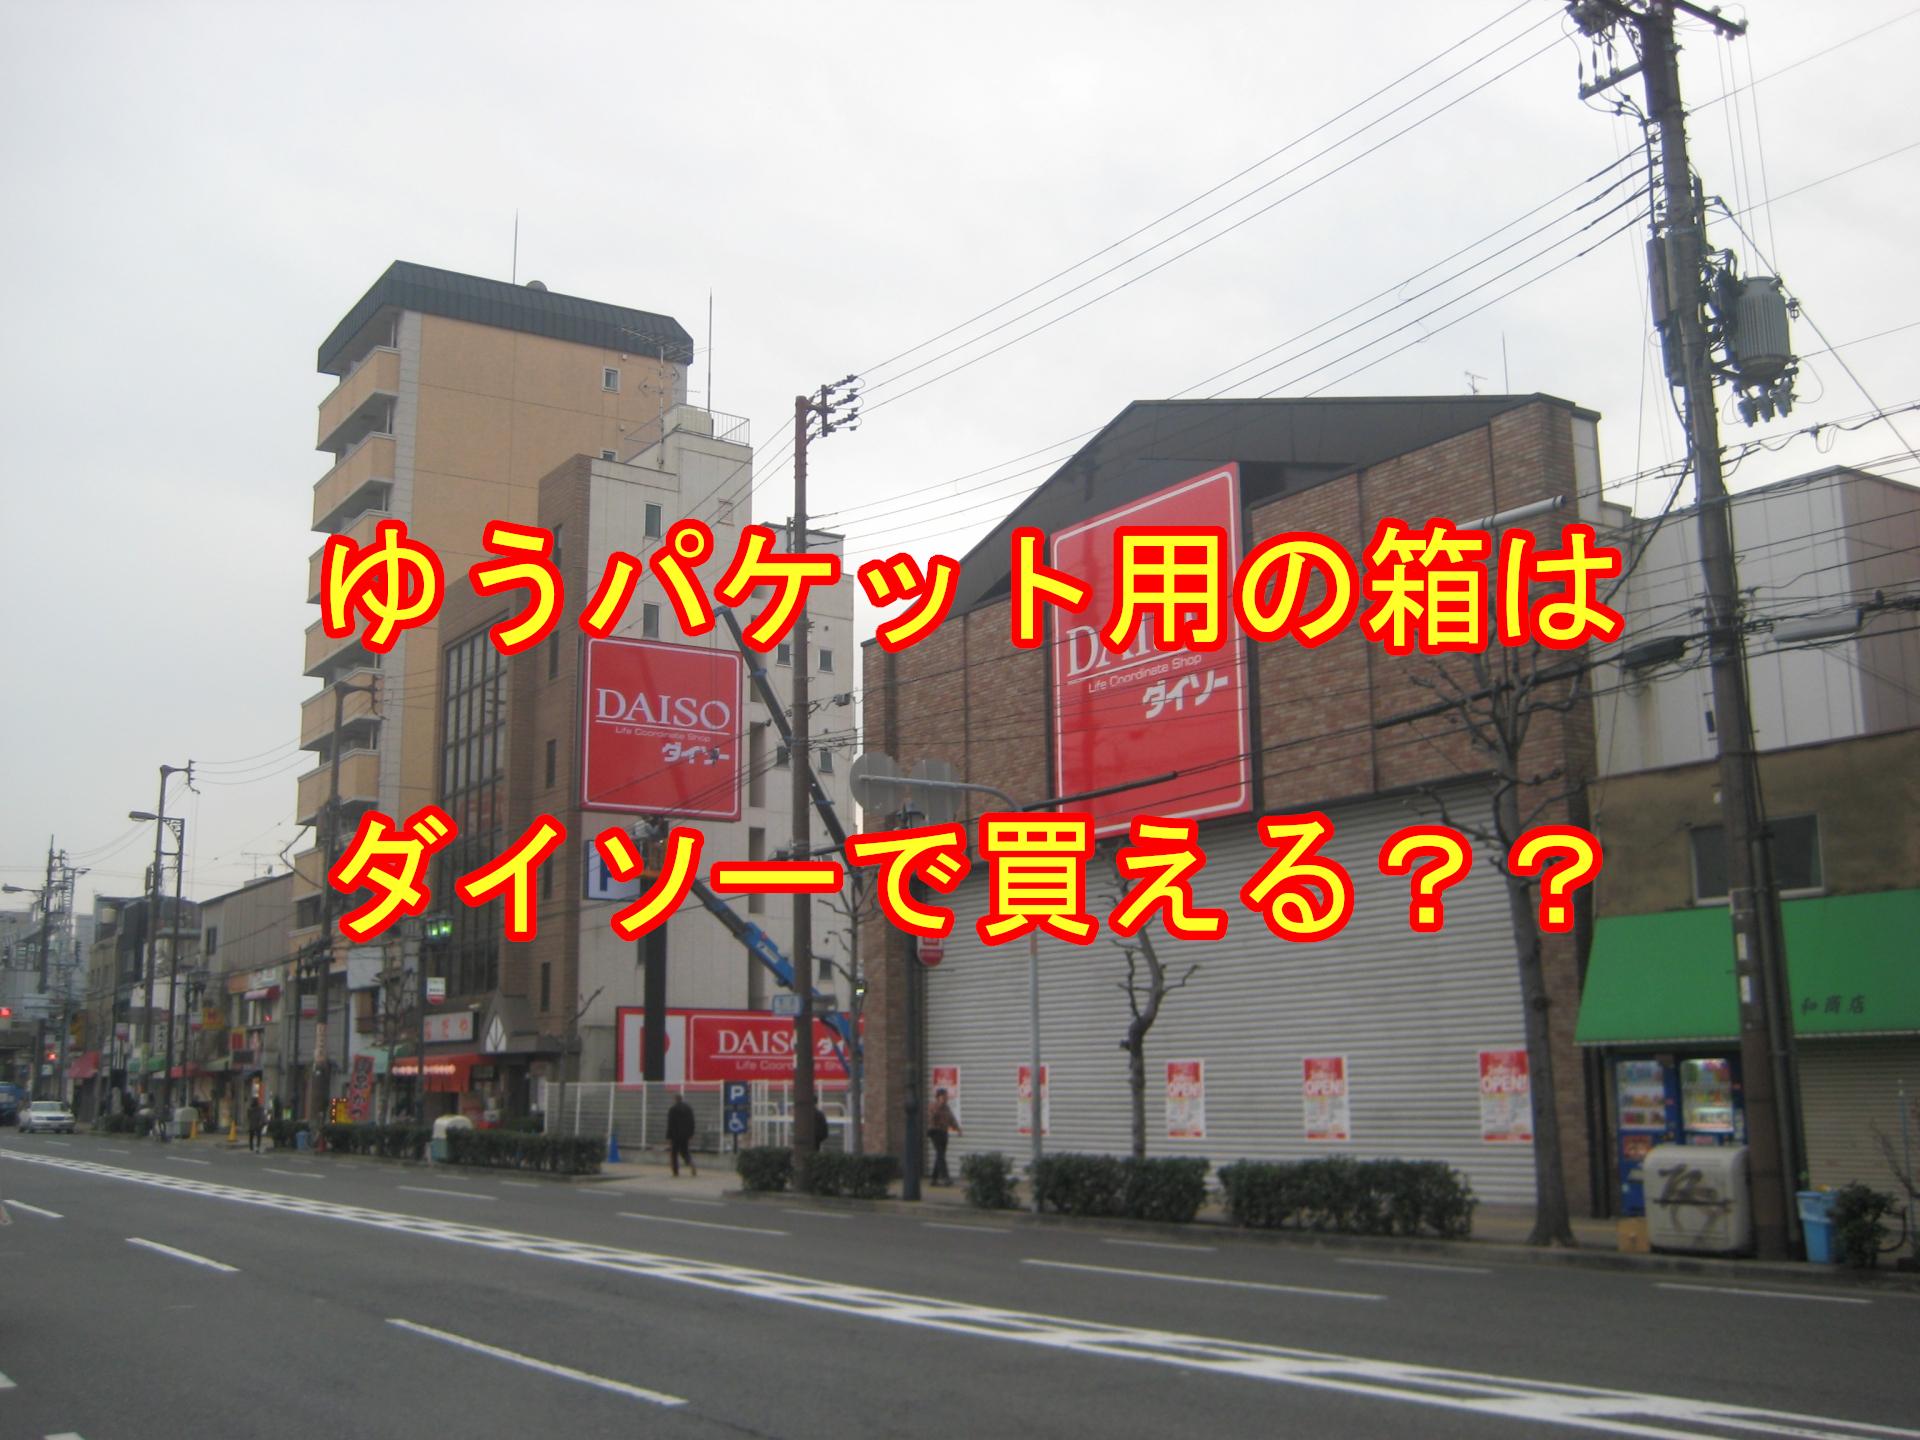 ゆうパケットの箱はダイソーなどの100円ショップで売っている?